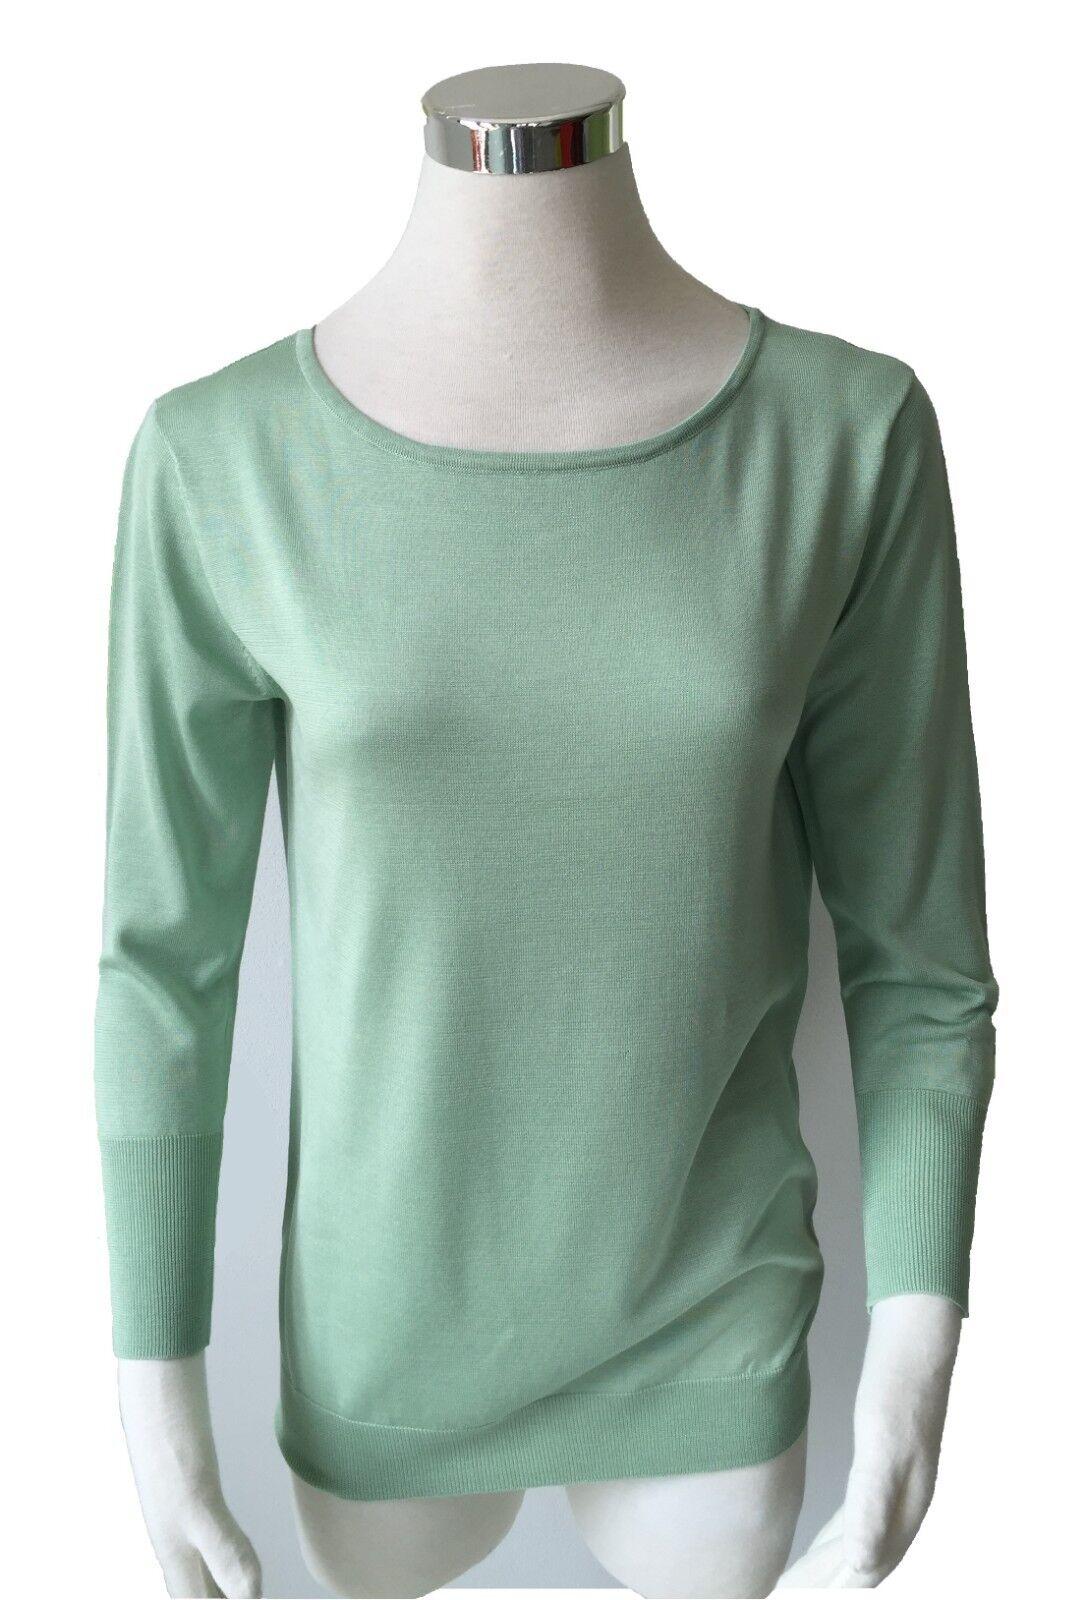 Finemente lavorato a maglia maglione maglione maglione reine Seide tg. 42 Girocollo FB. Lind verde ECRU SVENDITA 900234